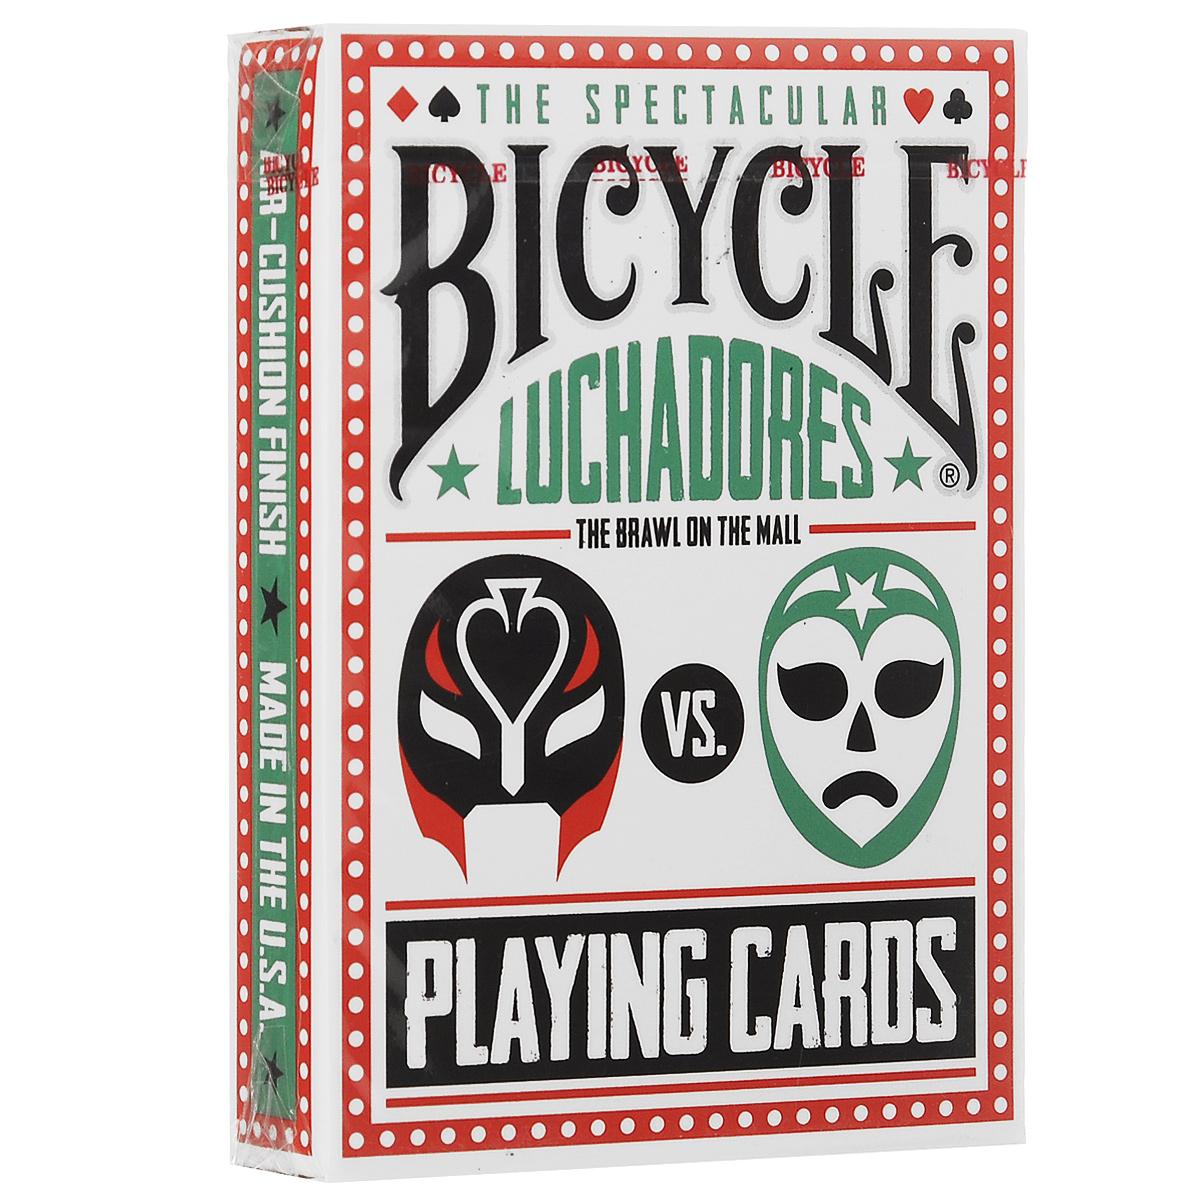 Игральные карты Bicycle Luchadores, цвет: белый, красный, зеленыйК-359Эта колода посвящена мексиканскому виду борьбы - Луча Либре. На картах изображены бойцы, 16 различных героев. Каждый из них прорисован в своей уникальной экипировке.